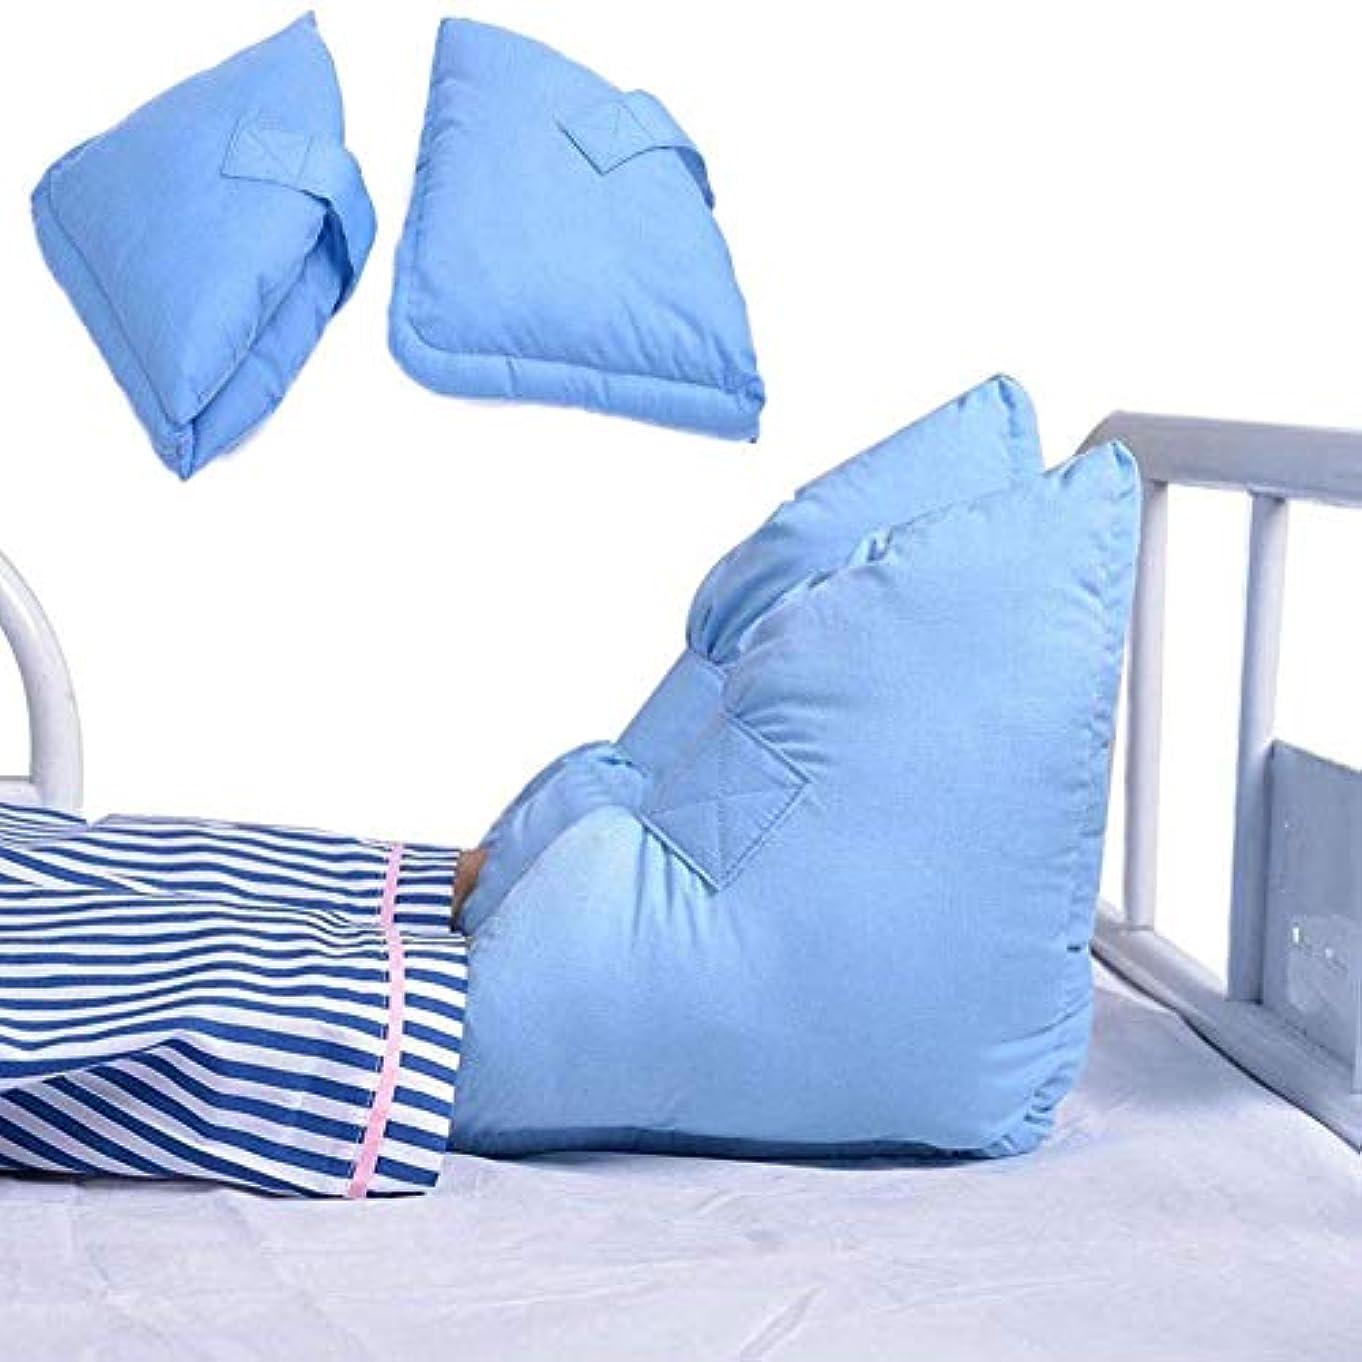 ショッピングセンター銛モンク1ペア抗褥瘡ヒールプロテクター枕 - 男性と女性のための褥瘡とかかと潰瘍の軽減のための足首保護クッション